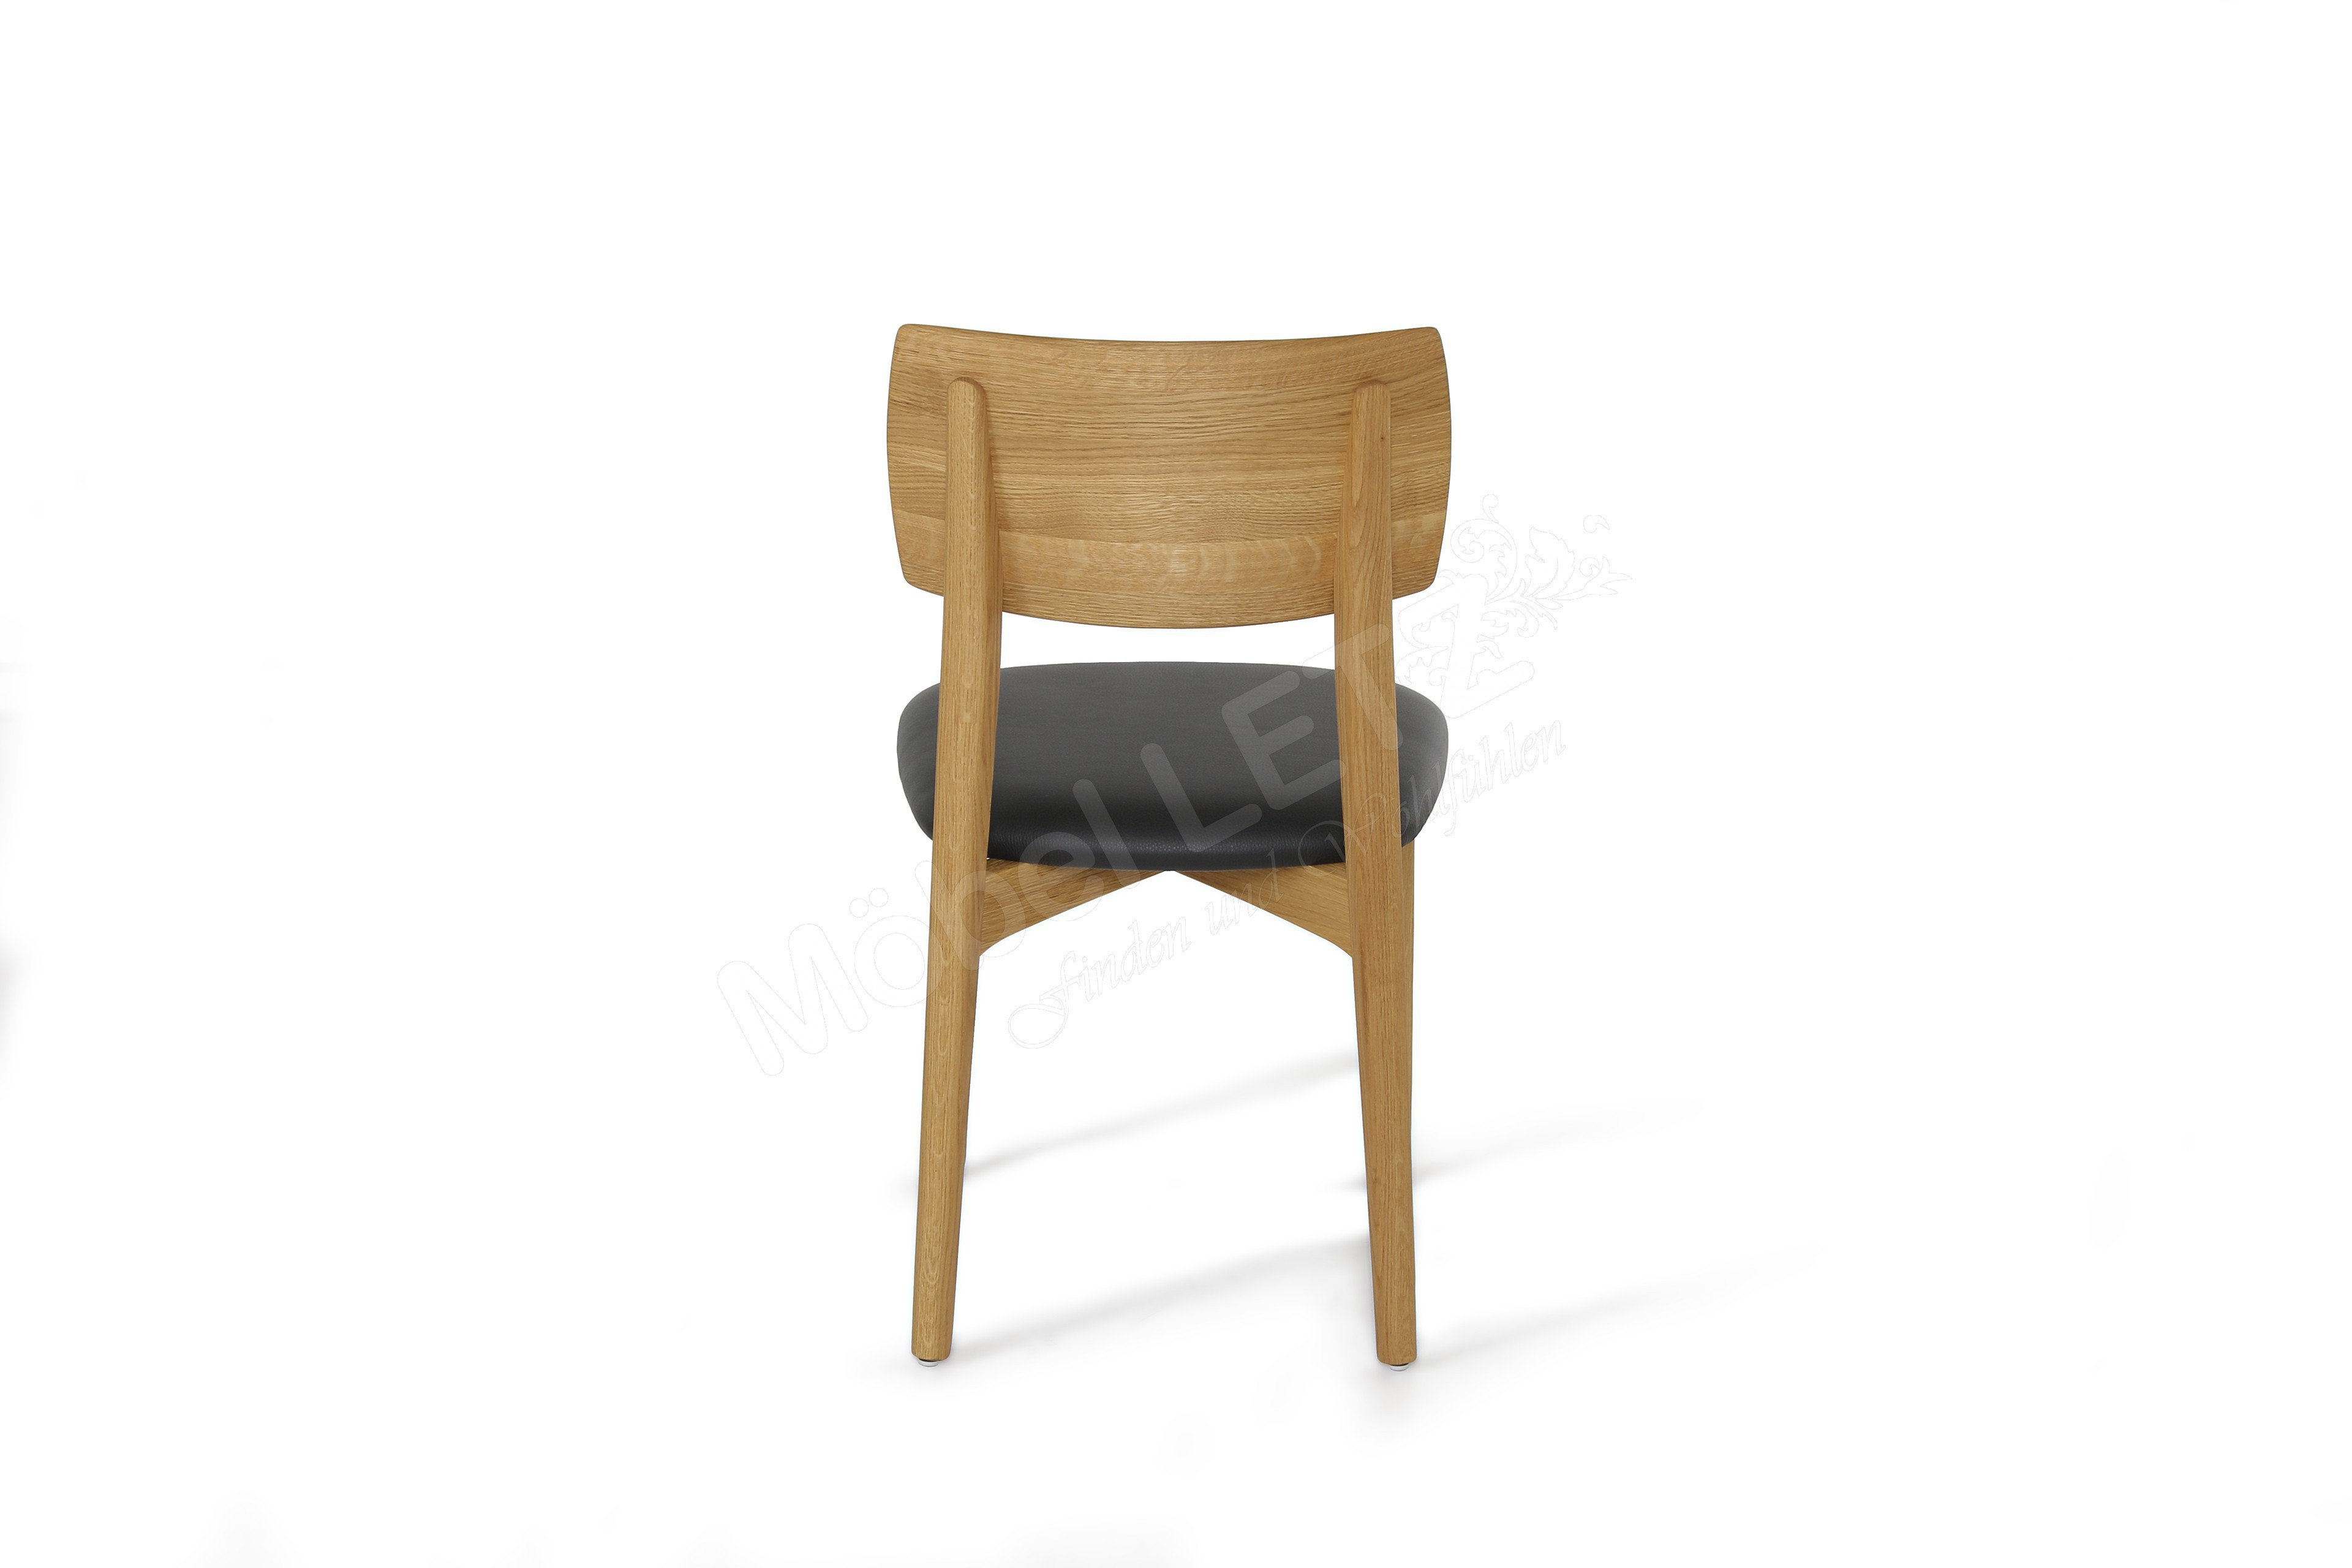 stuhl mia aus der kollektion s kultur von w stmann m bel letz ihr online shop. Black Bedroom Furniture Sets. Home Design Ideas